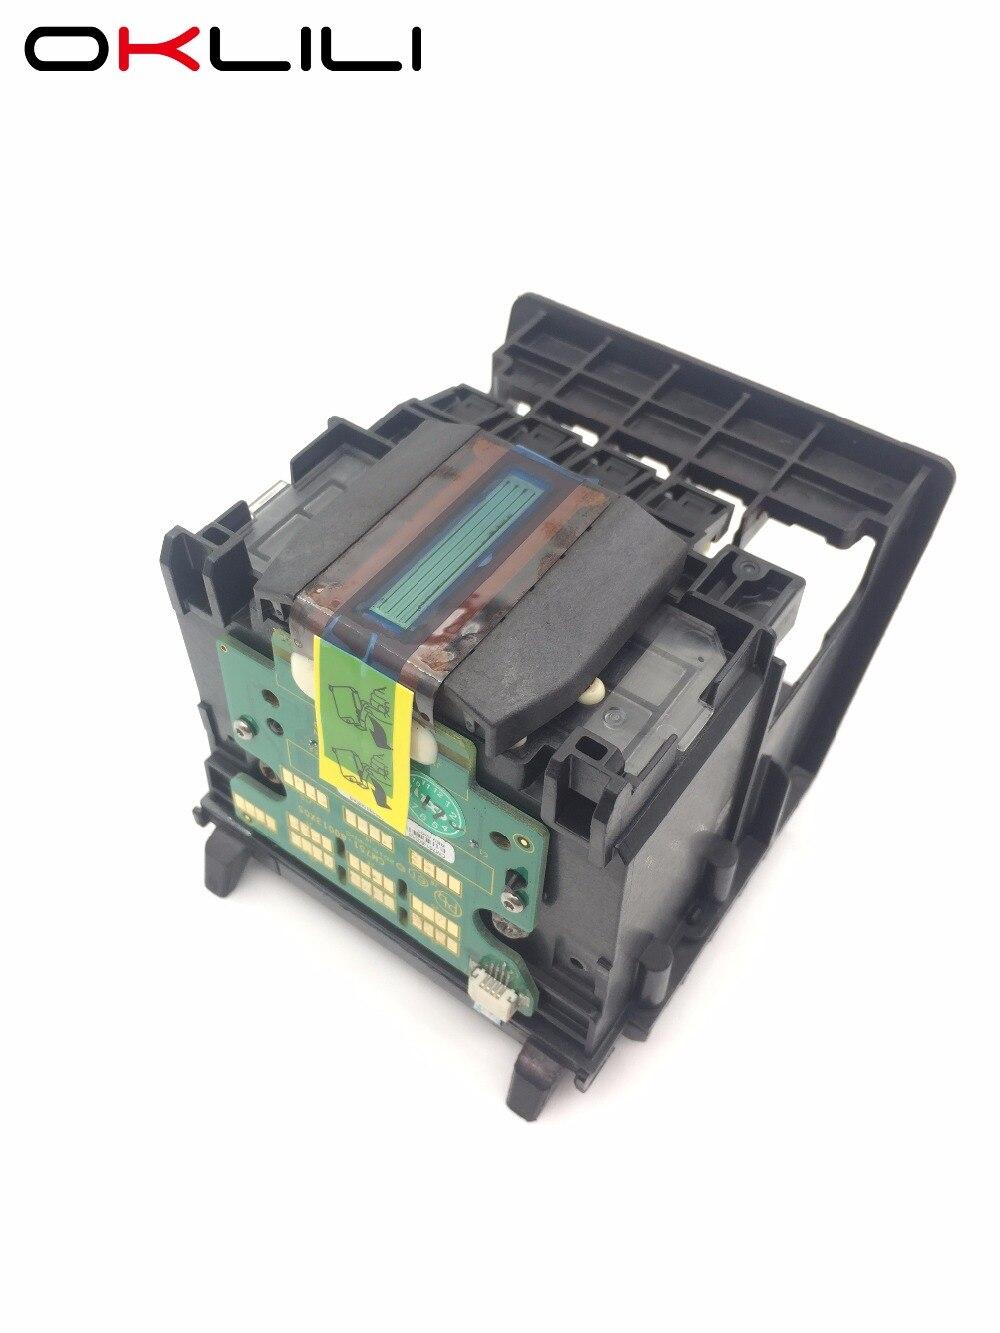 ORIGINAL CM751-80013A 950 951 950XL 951XL cabezal de impresión para HP Pro 8100 8600 8610 8620 8625 8630 8700 251DW 251 276 276DW